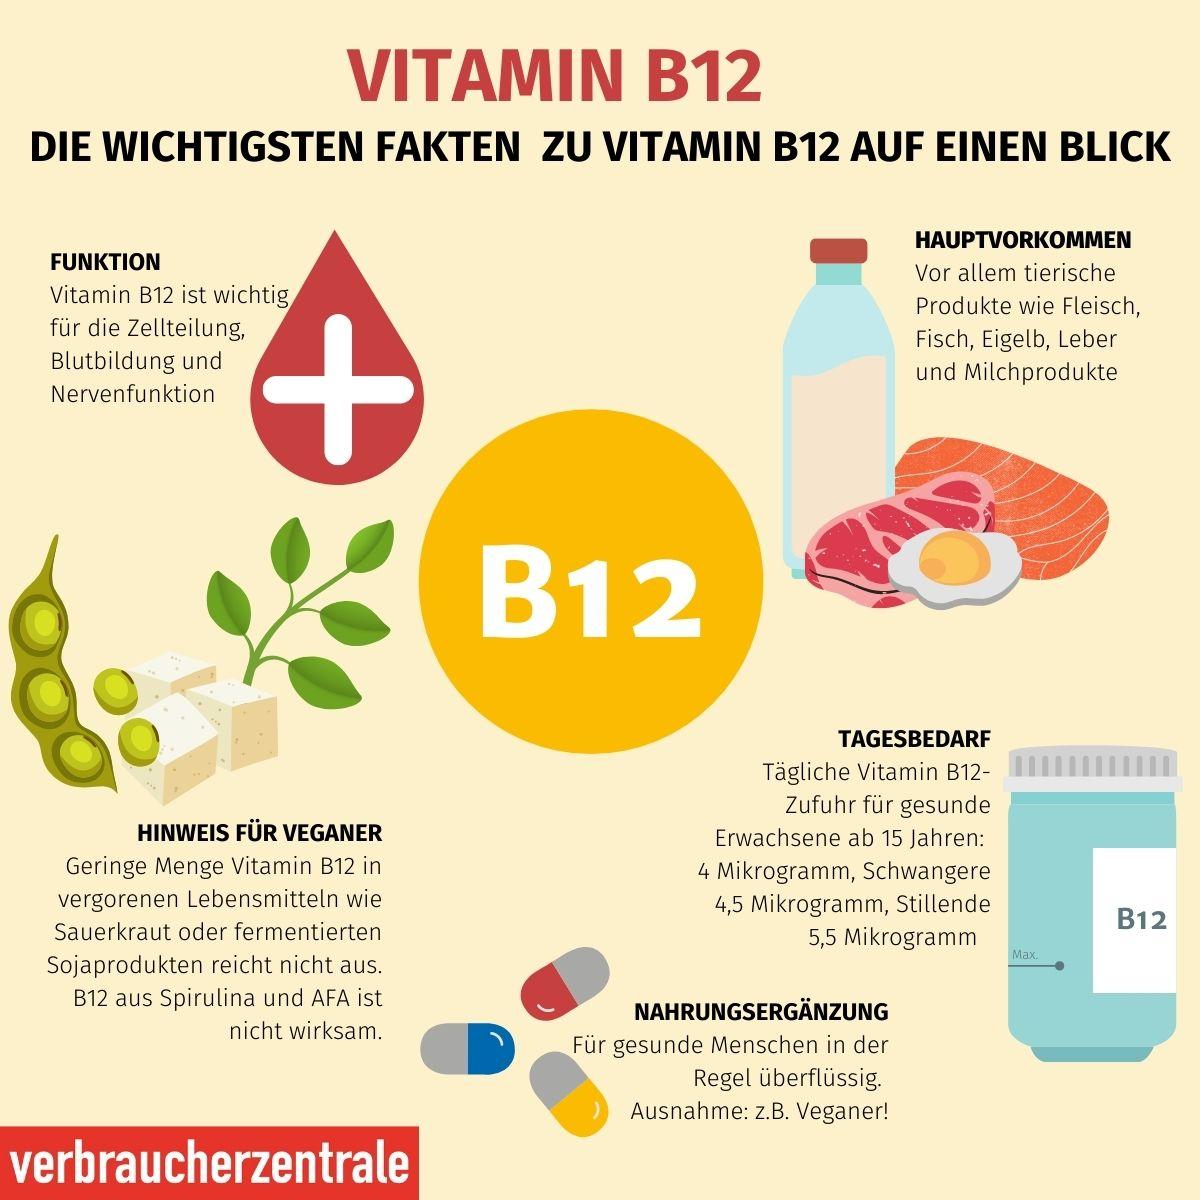 Vitamin B10-Ergänzung für Blutbildung, Nervenfunktion und